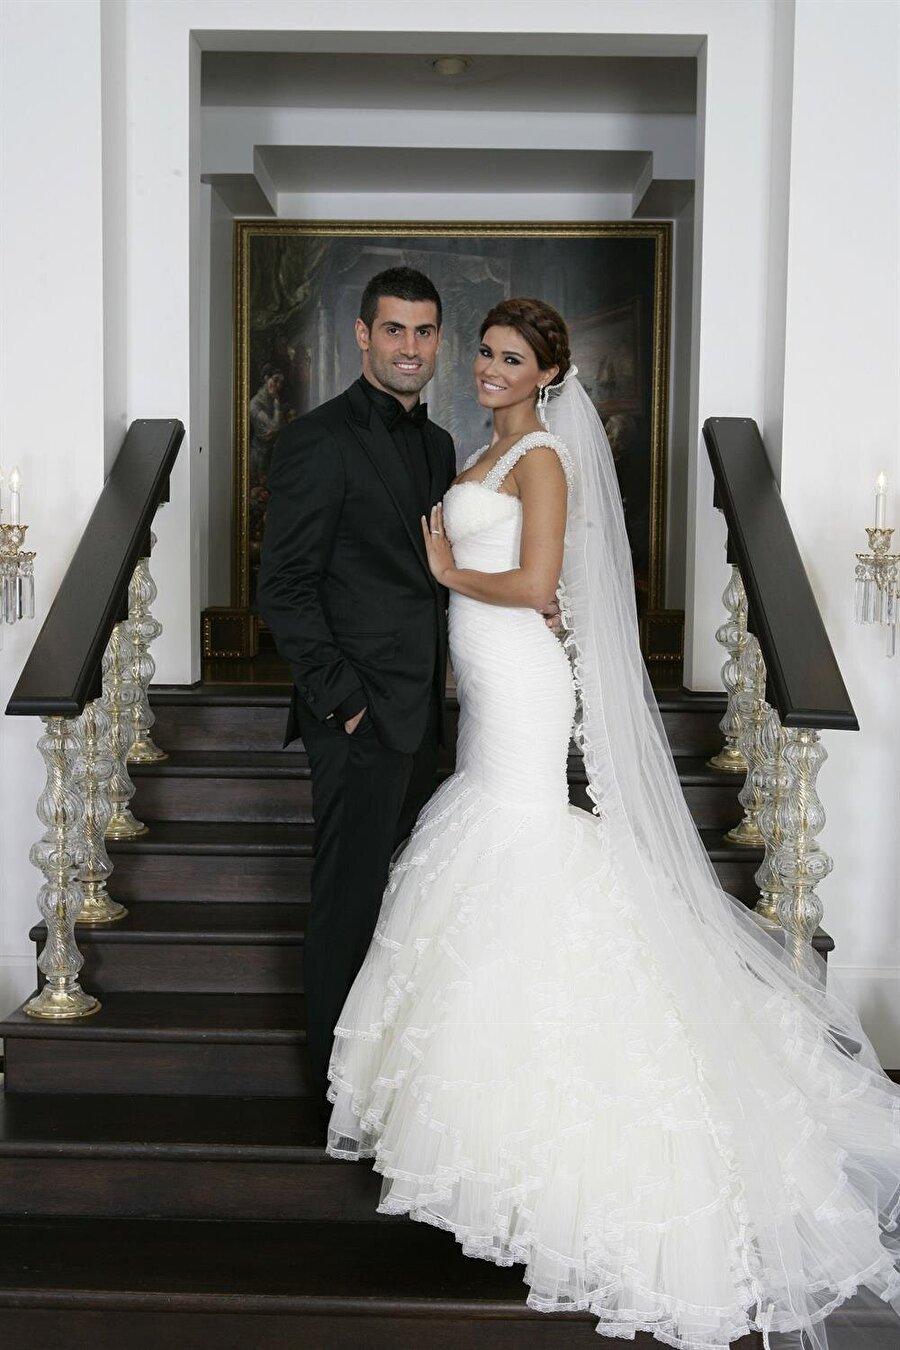 Zeynep Demirel Fenerbahçeli Volkan Demirel'in eşi güzelliği ile dikkat çekiyor. 2009'da Belçika Miss Universal güzellik yarışmasında 15. olan Zeynep Hanım, 2010'da milli kaleci ile evlendi. Çiftin Yade isimli bir kızı var.